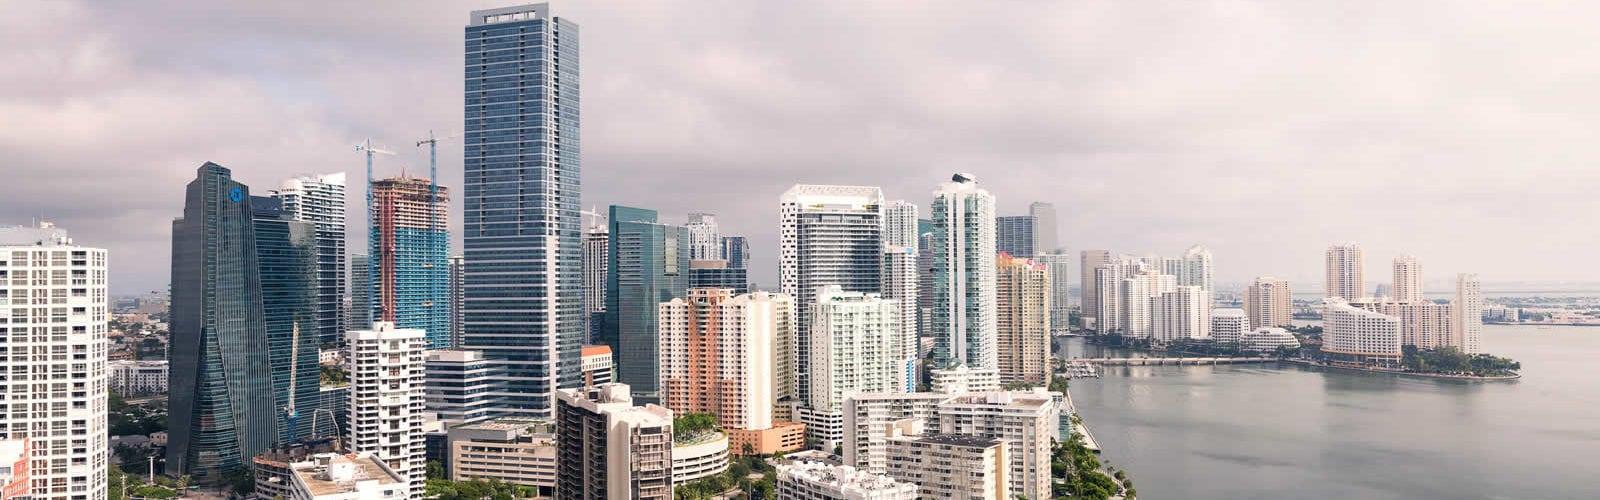 comment-investir-immobilier-placement-miami-francais-une